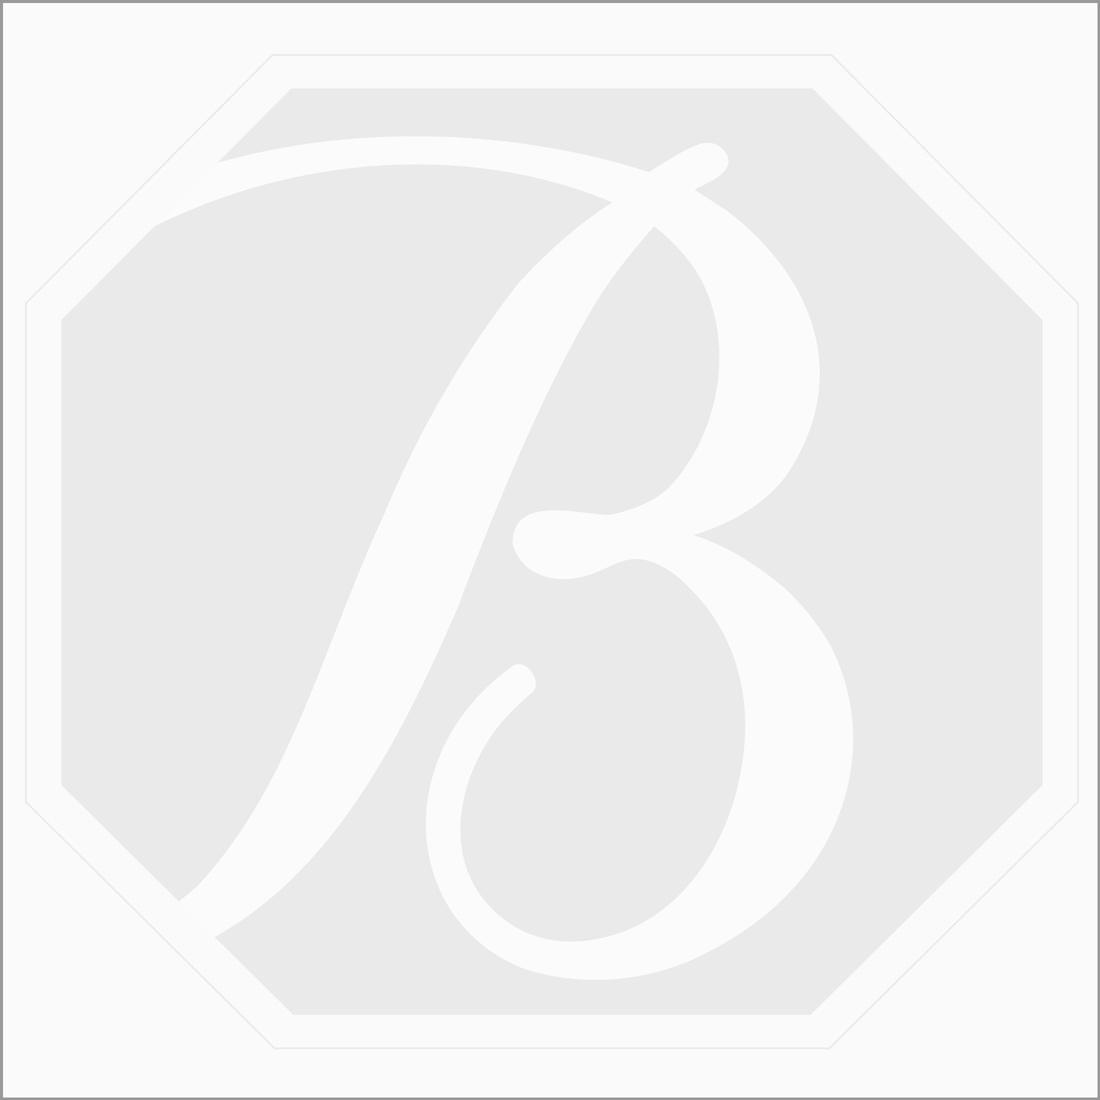 2 Pcs - Dark Green Tourmaline Rose Cuts - 8.76 ct. - 13.6 x 12 x 3 mm & 14 x 12.4 x 3 mm (TRC1067)